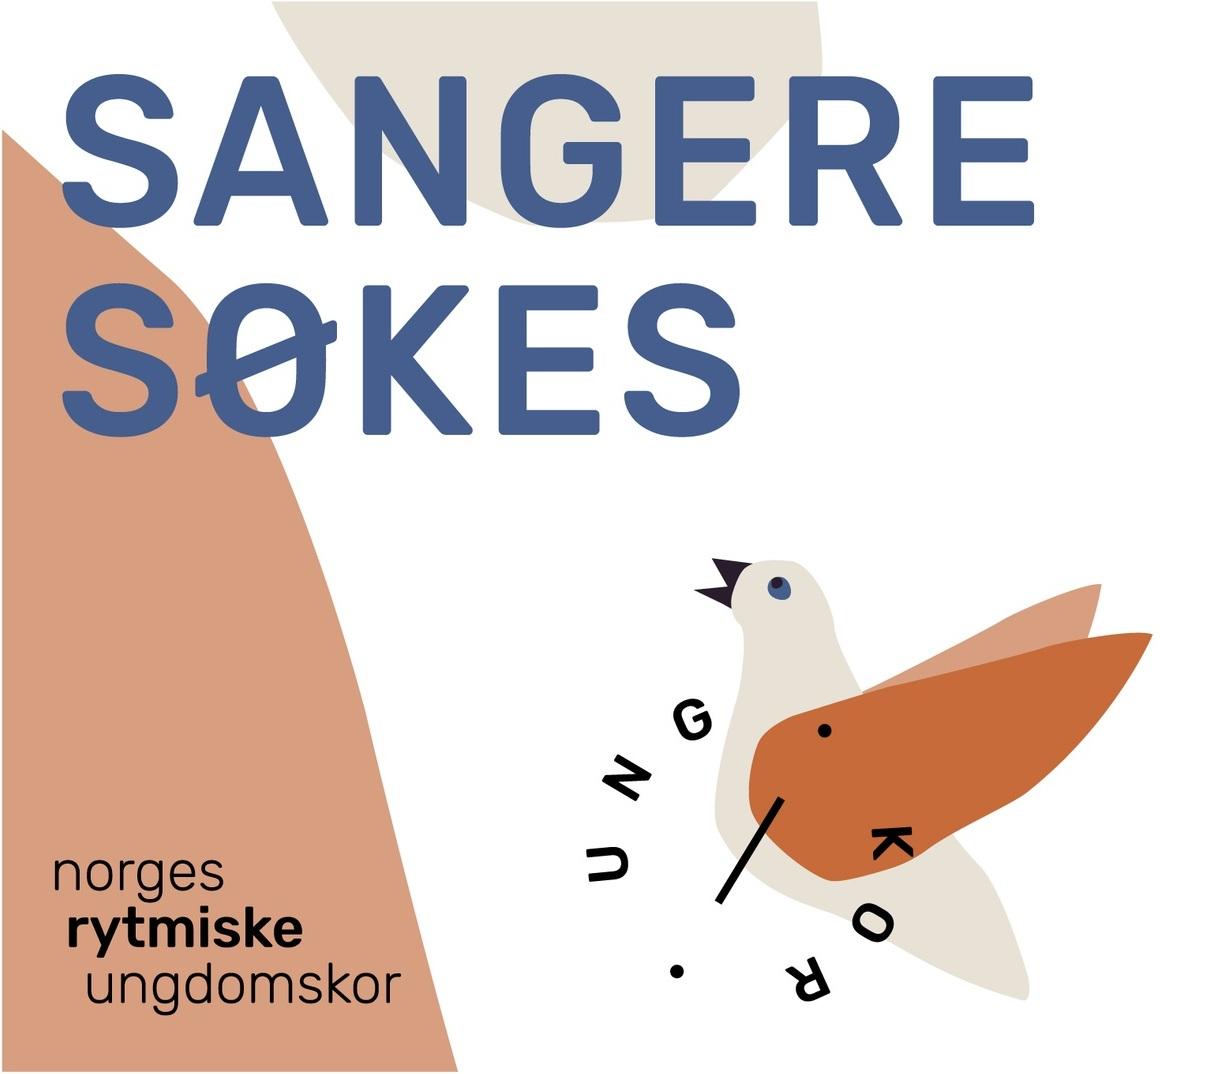 Sangere søkes - Ung i Kor søker sangere fra hele landet til Norges første nasjonale, rytmiske ungdomskor